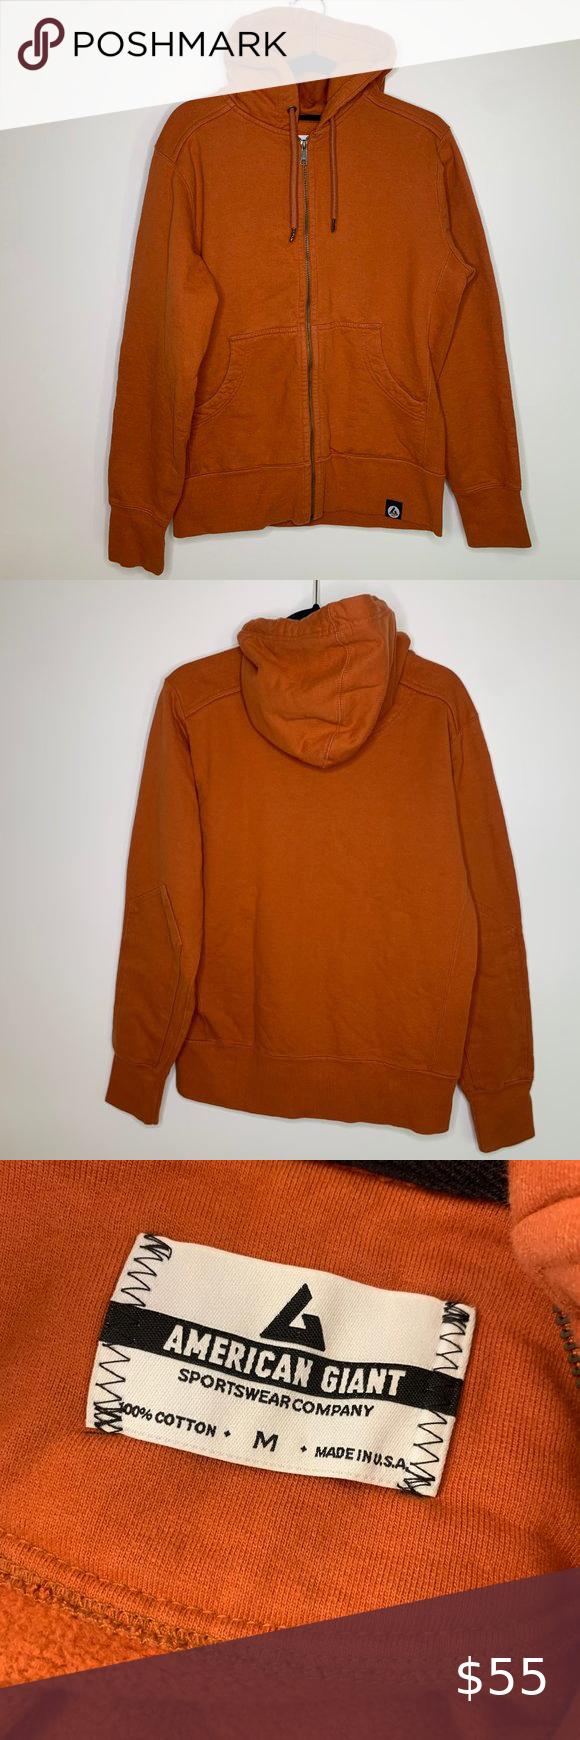 American Giant Mens Zip Up Zip Ups Sweatshirt Shirt Burnt Orange Color [ 1740 x 580 Pixel ]